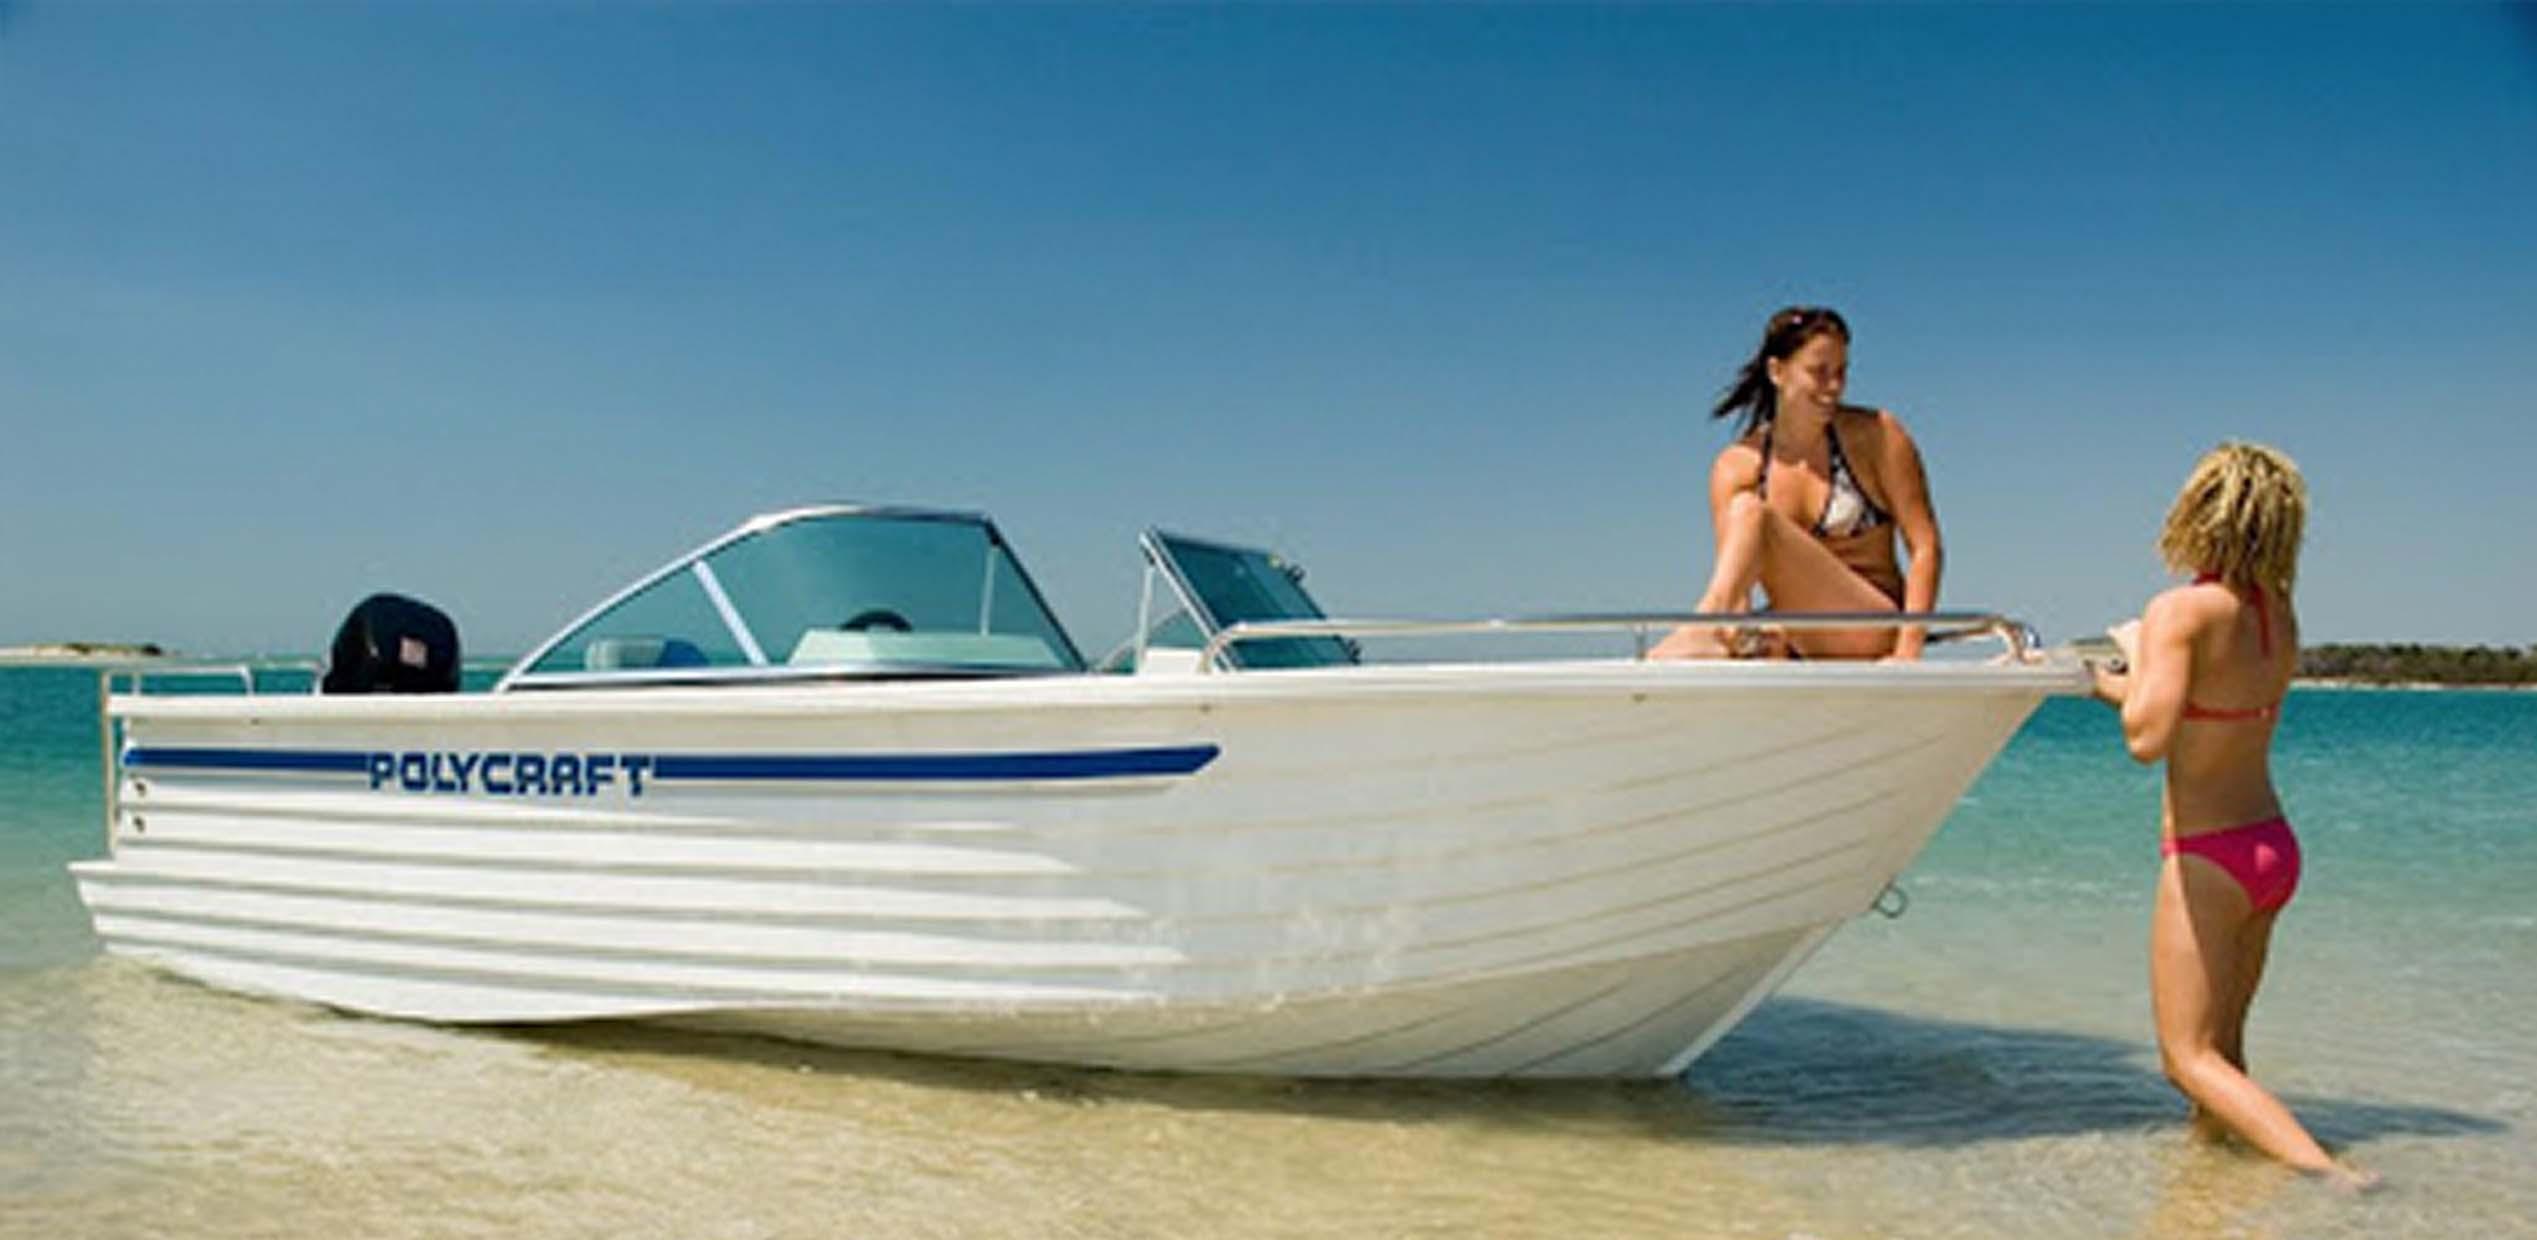 Polycraft Boats